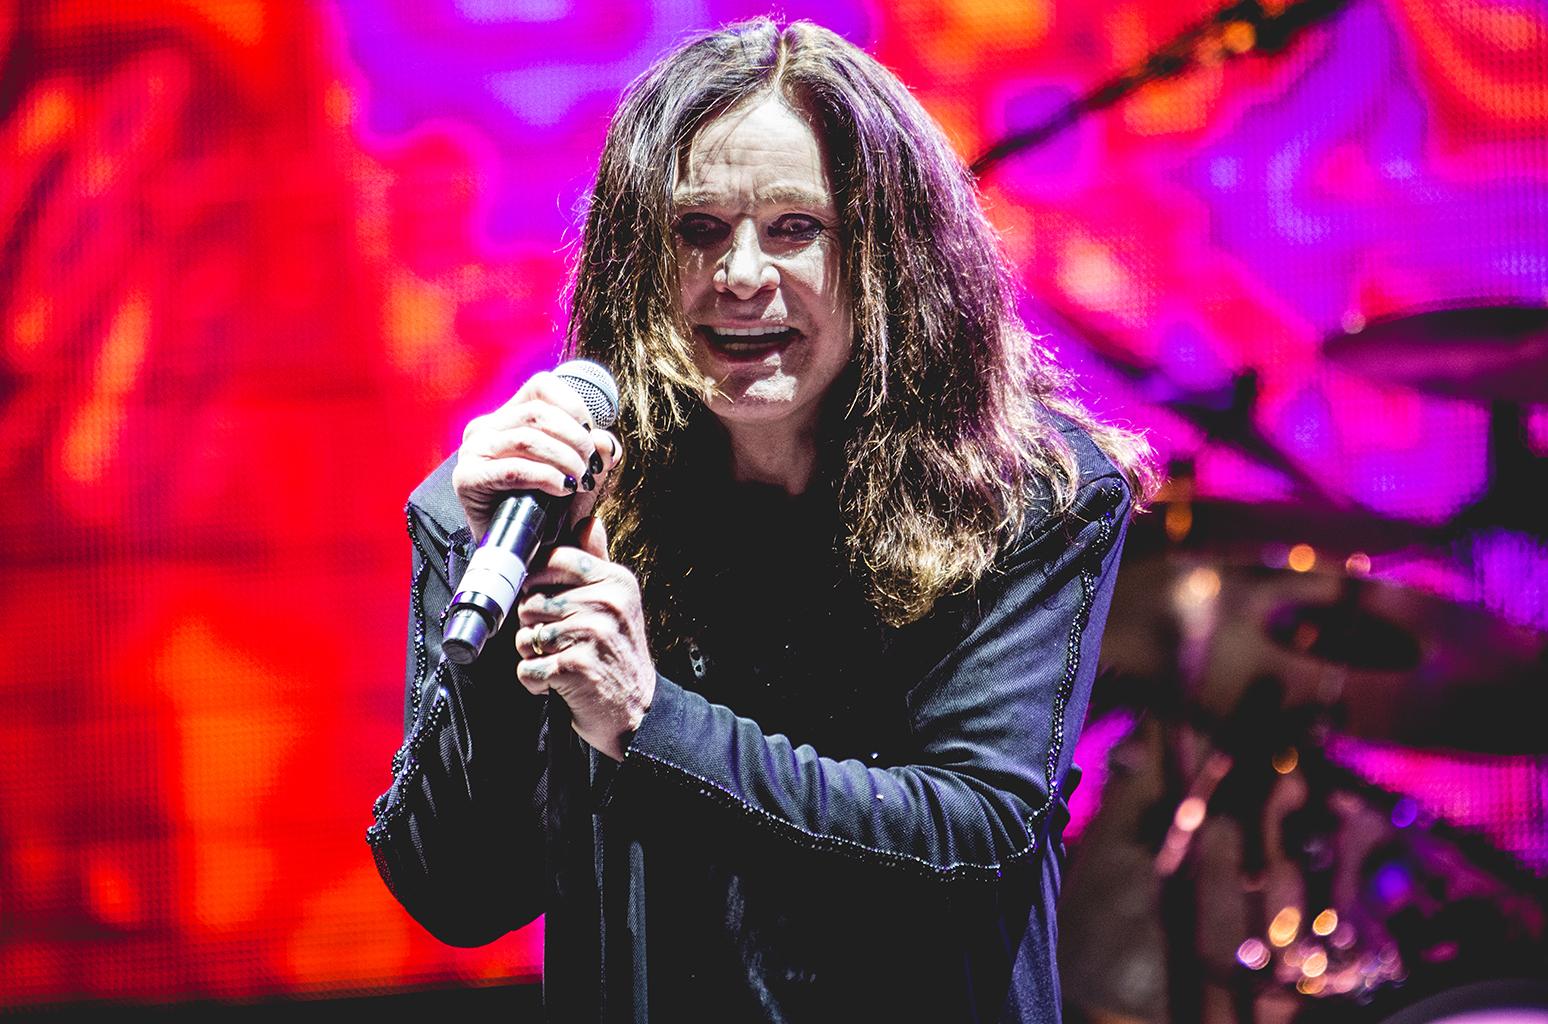 Арестован продавец поддельных билетов на шоу Black Sabbath